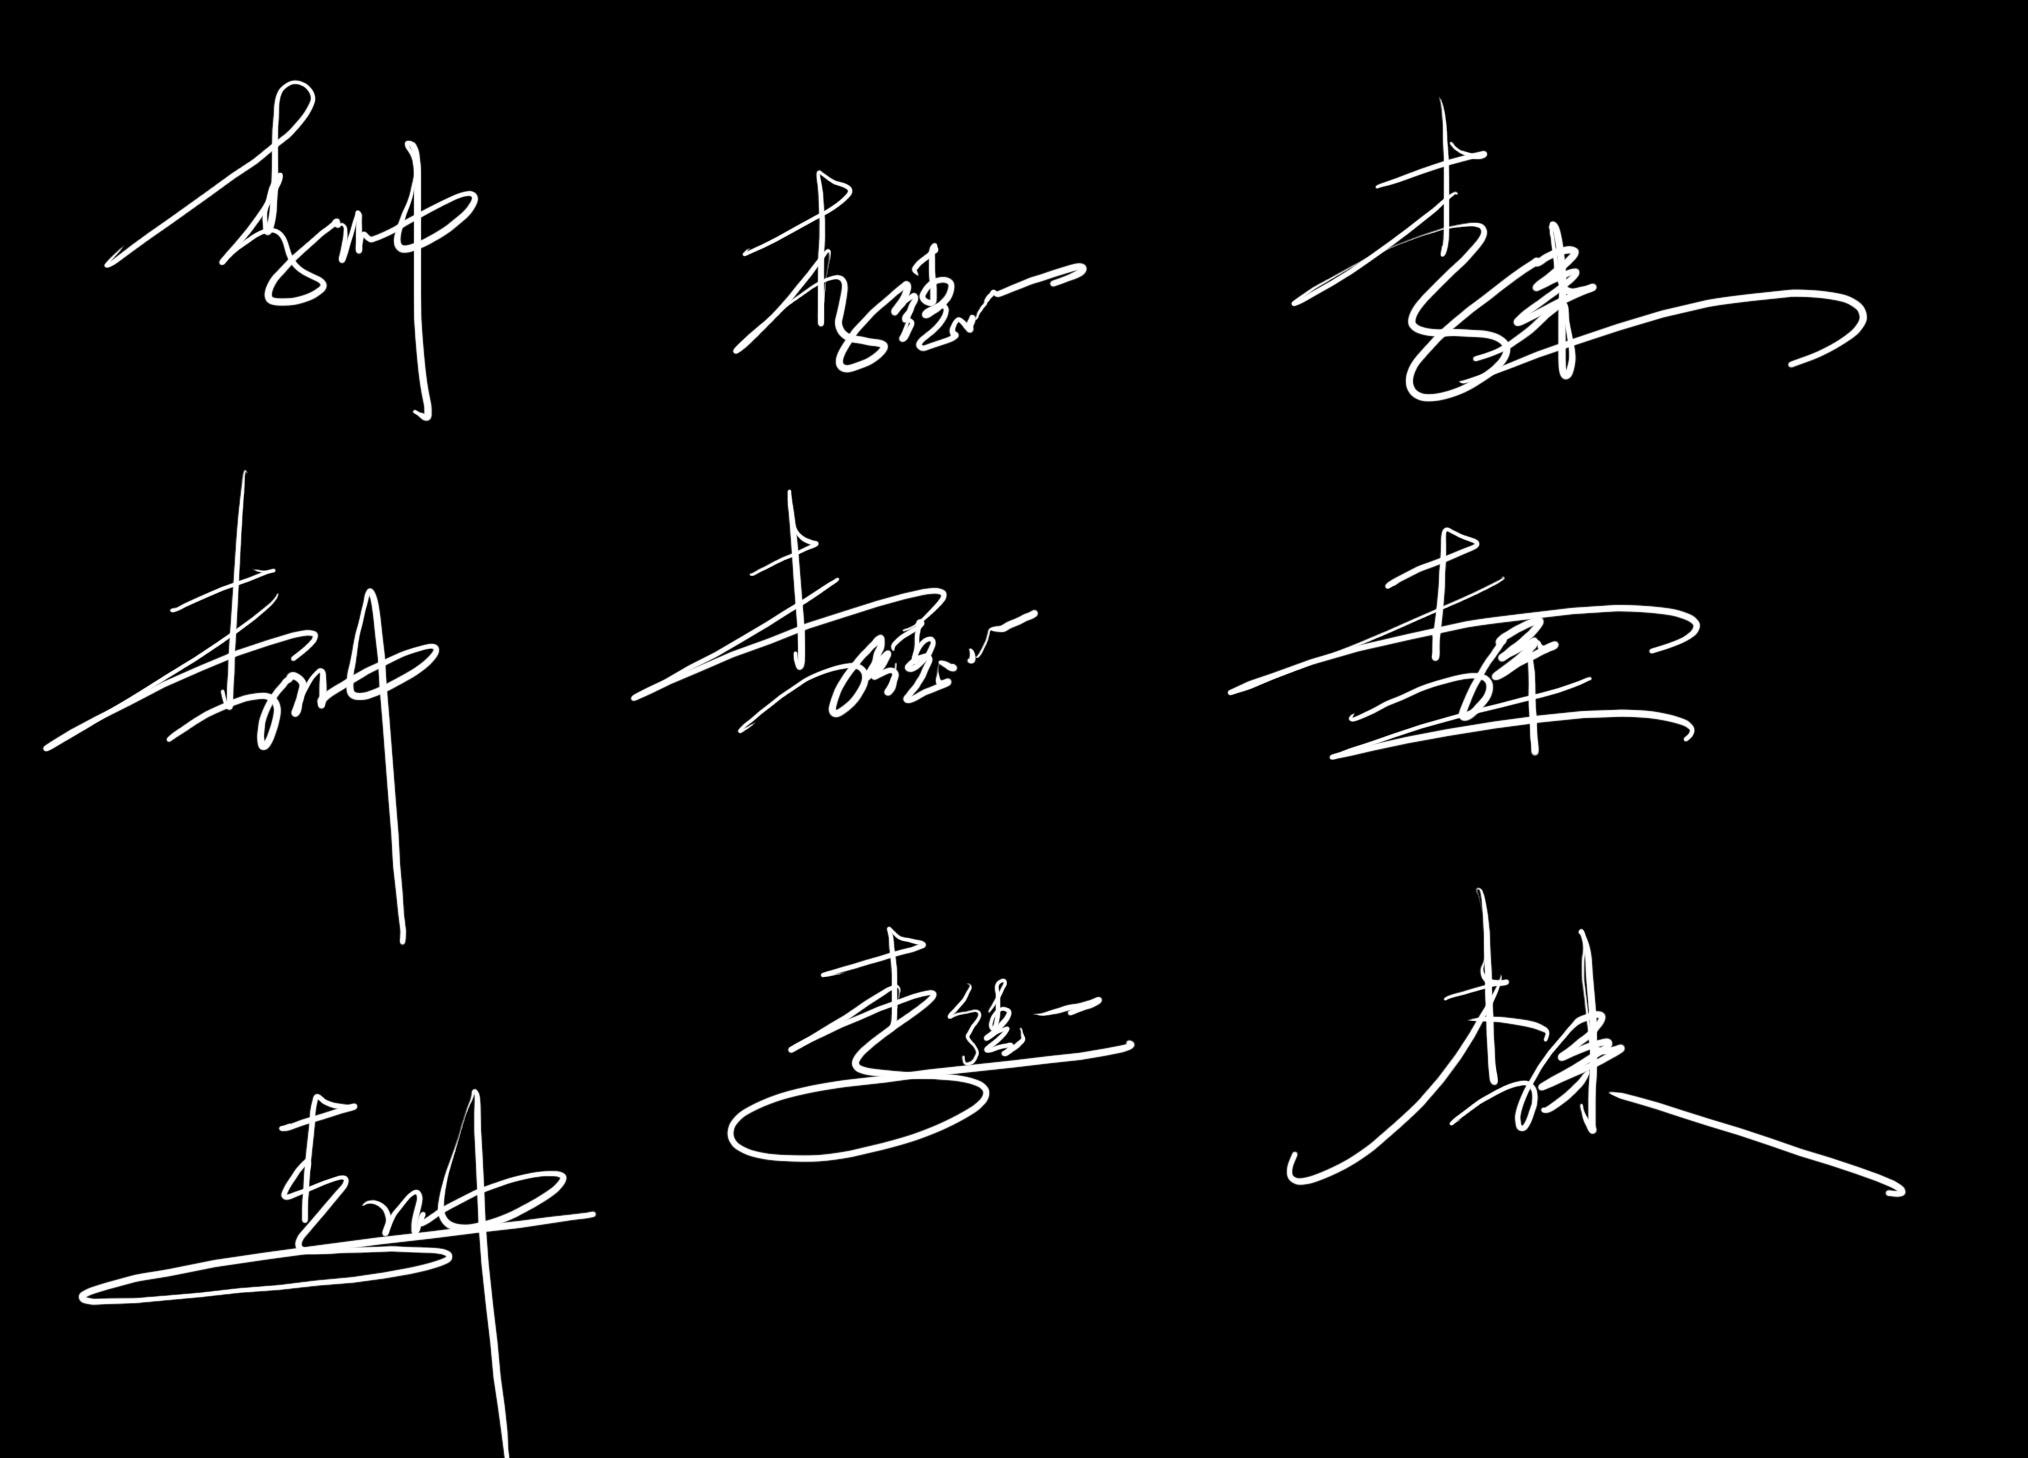 帮忙设计一个名字个性签名,手写的最好,总之好看就行图片